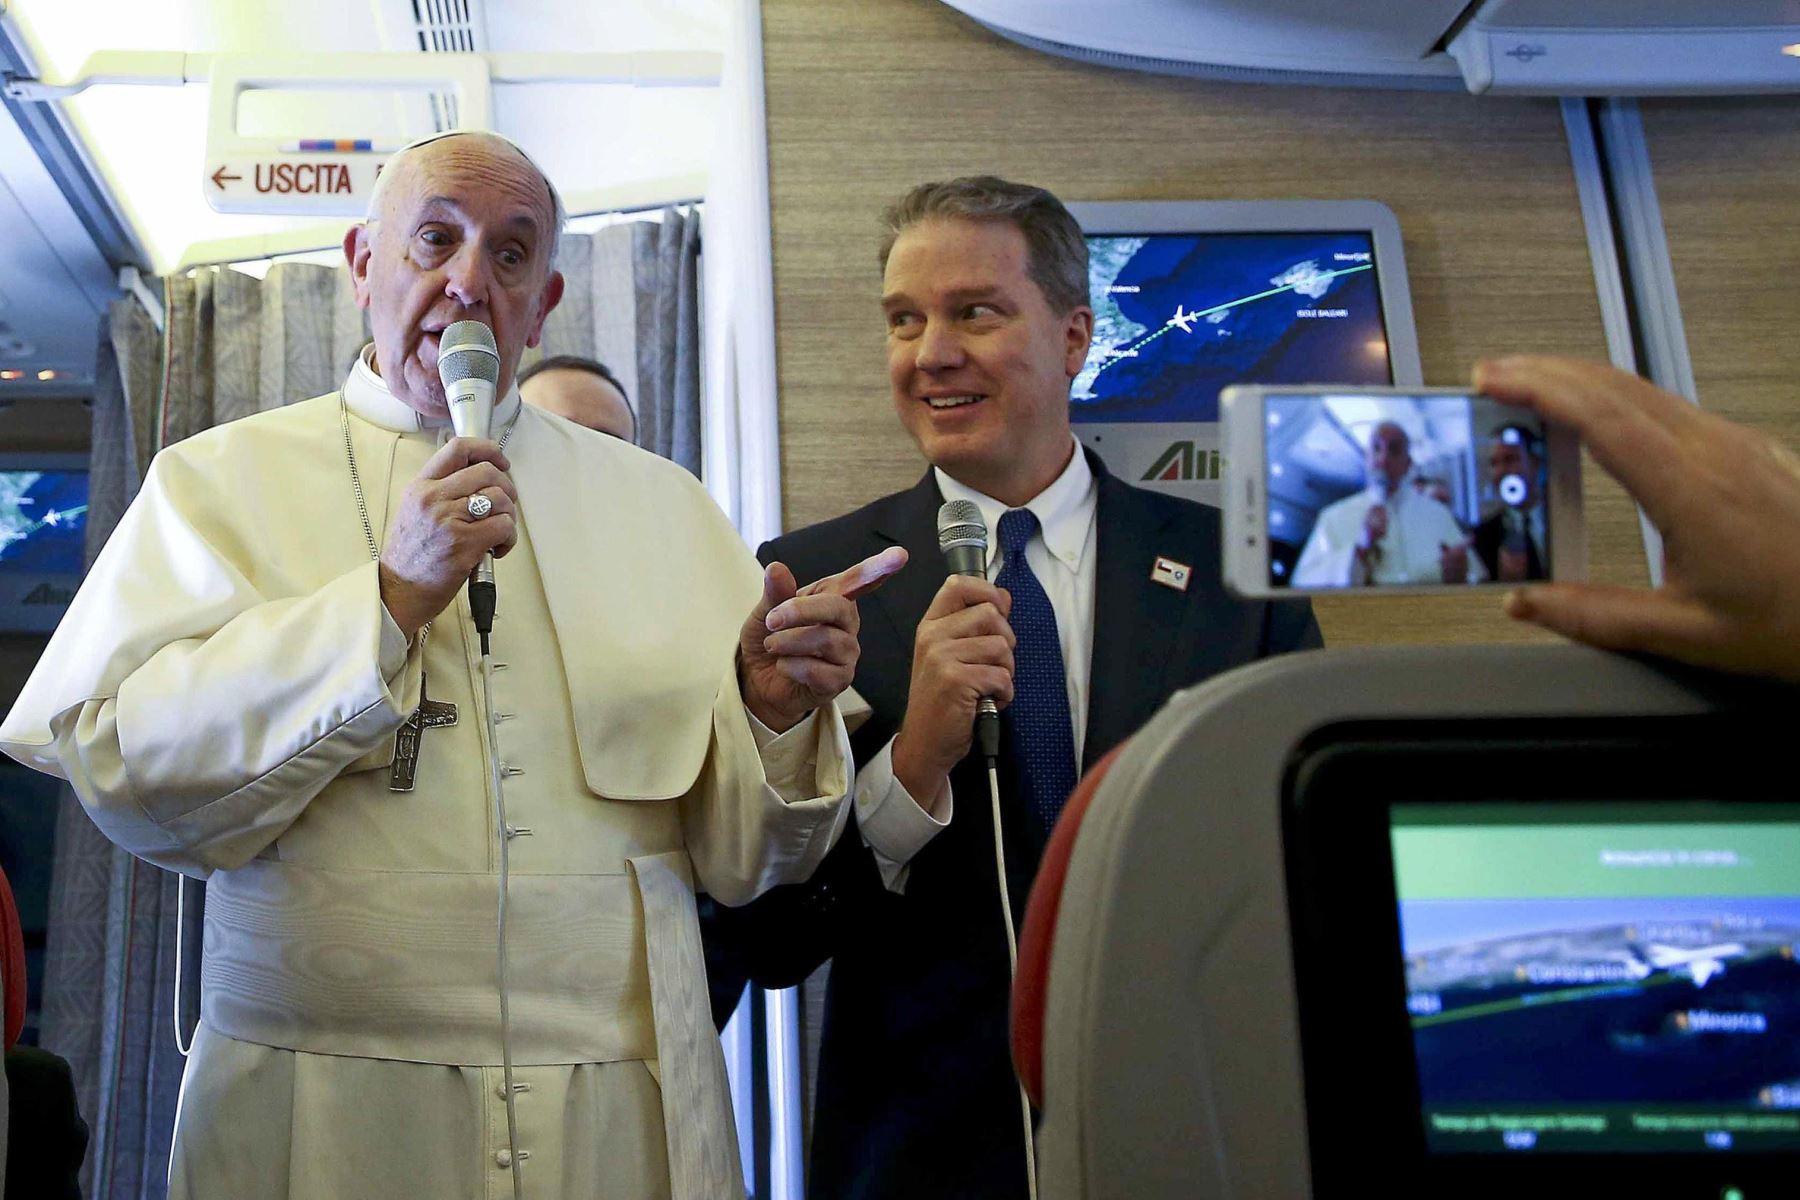 El Papa Francisco conversa con periodistas a bordo del vuelo hacia Chile. Foto: EFE